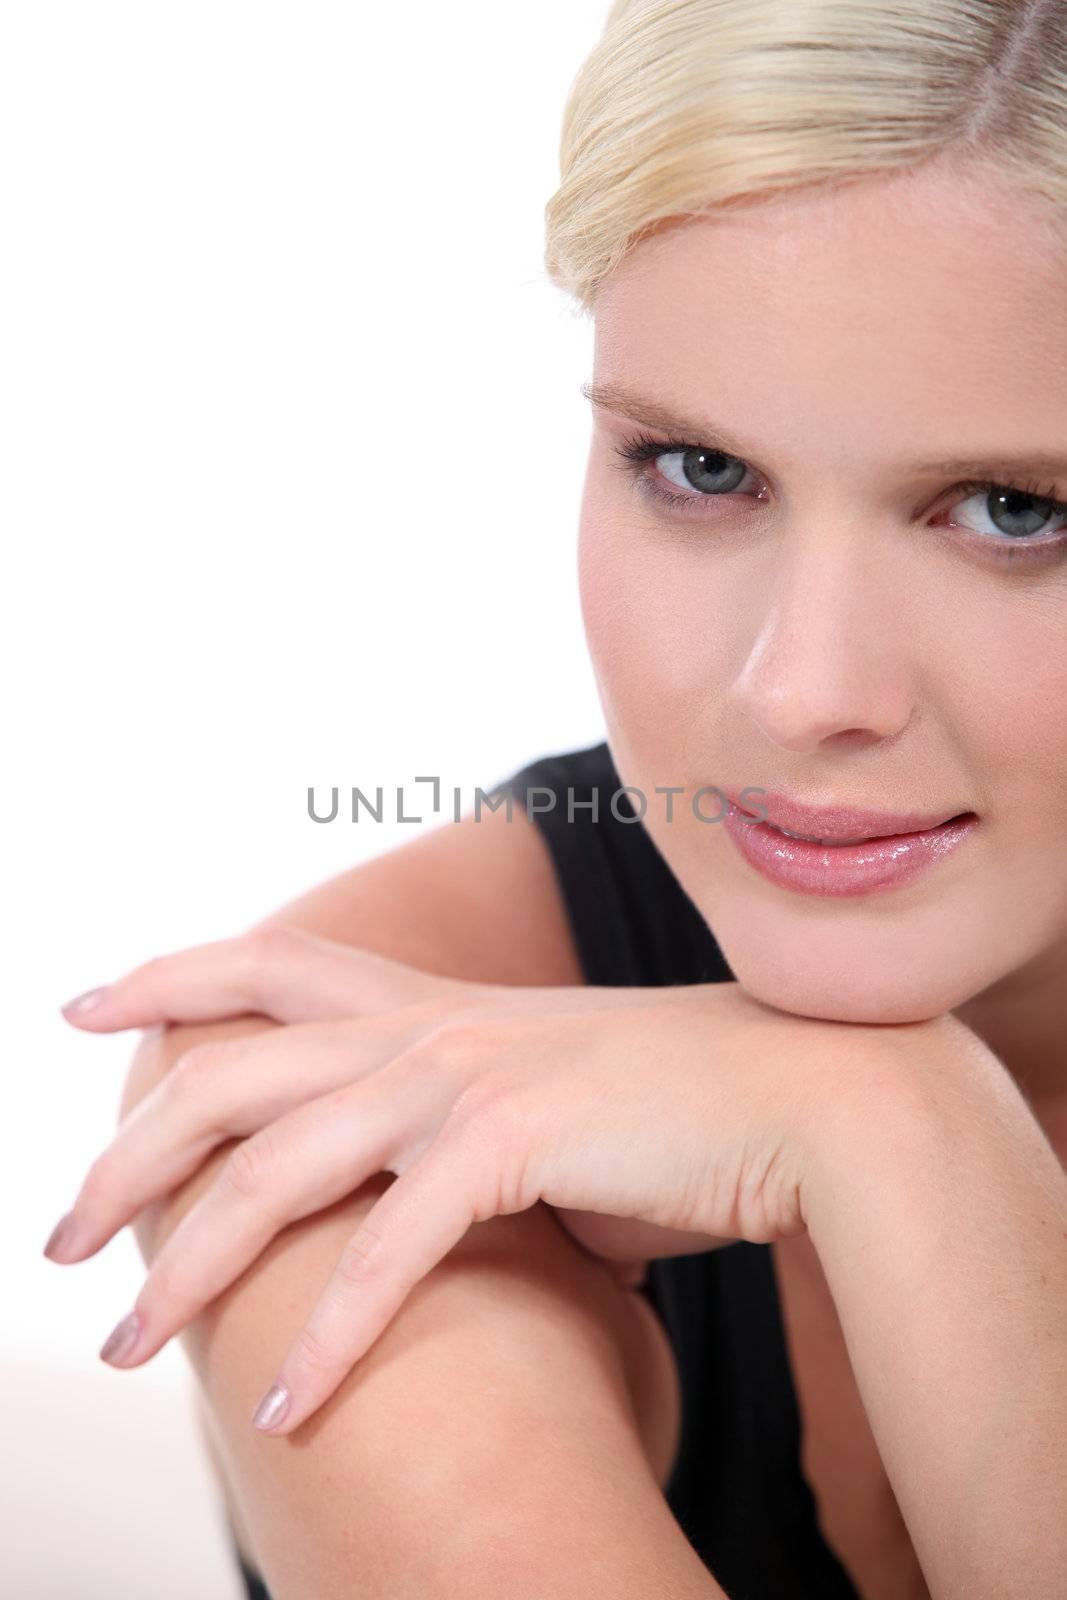 Feminine beauty